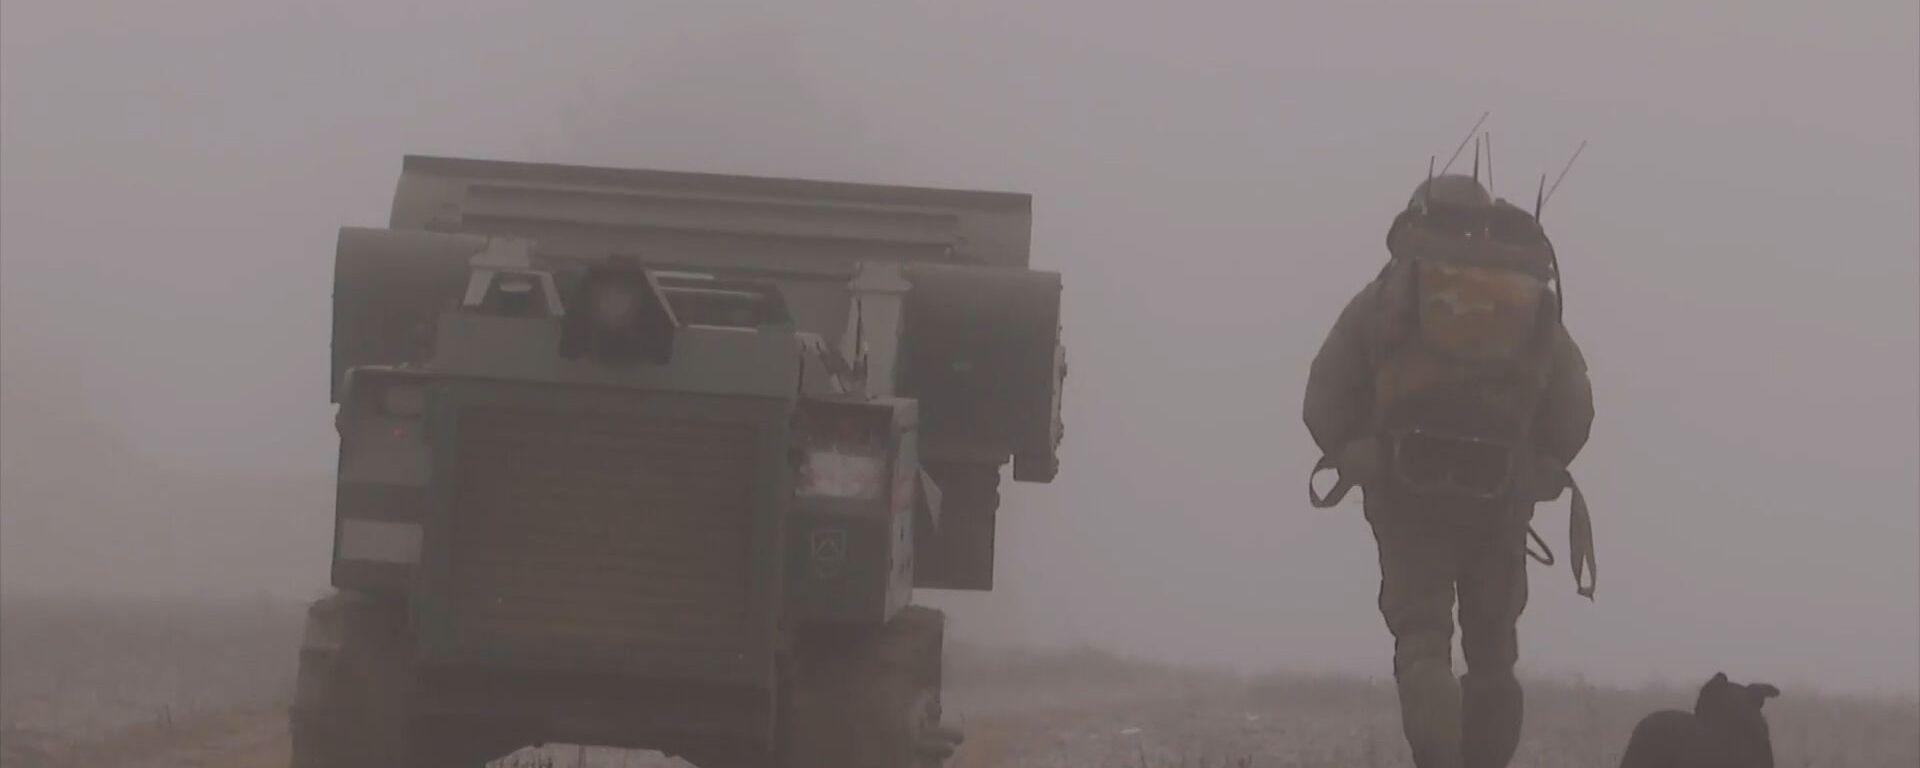 Нагорный Карабах: разминирование Степанакерта продолжается - видео - Sputnik Грузия, 1920, 09.01.2021